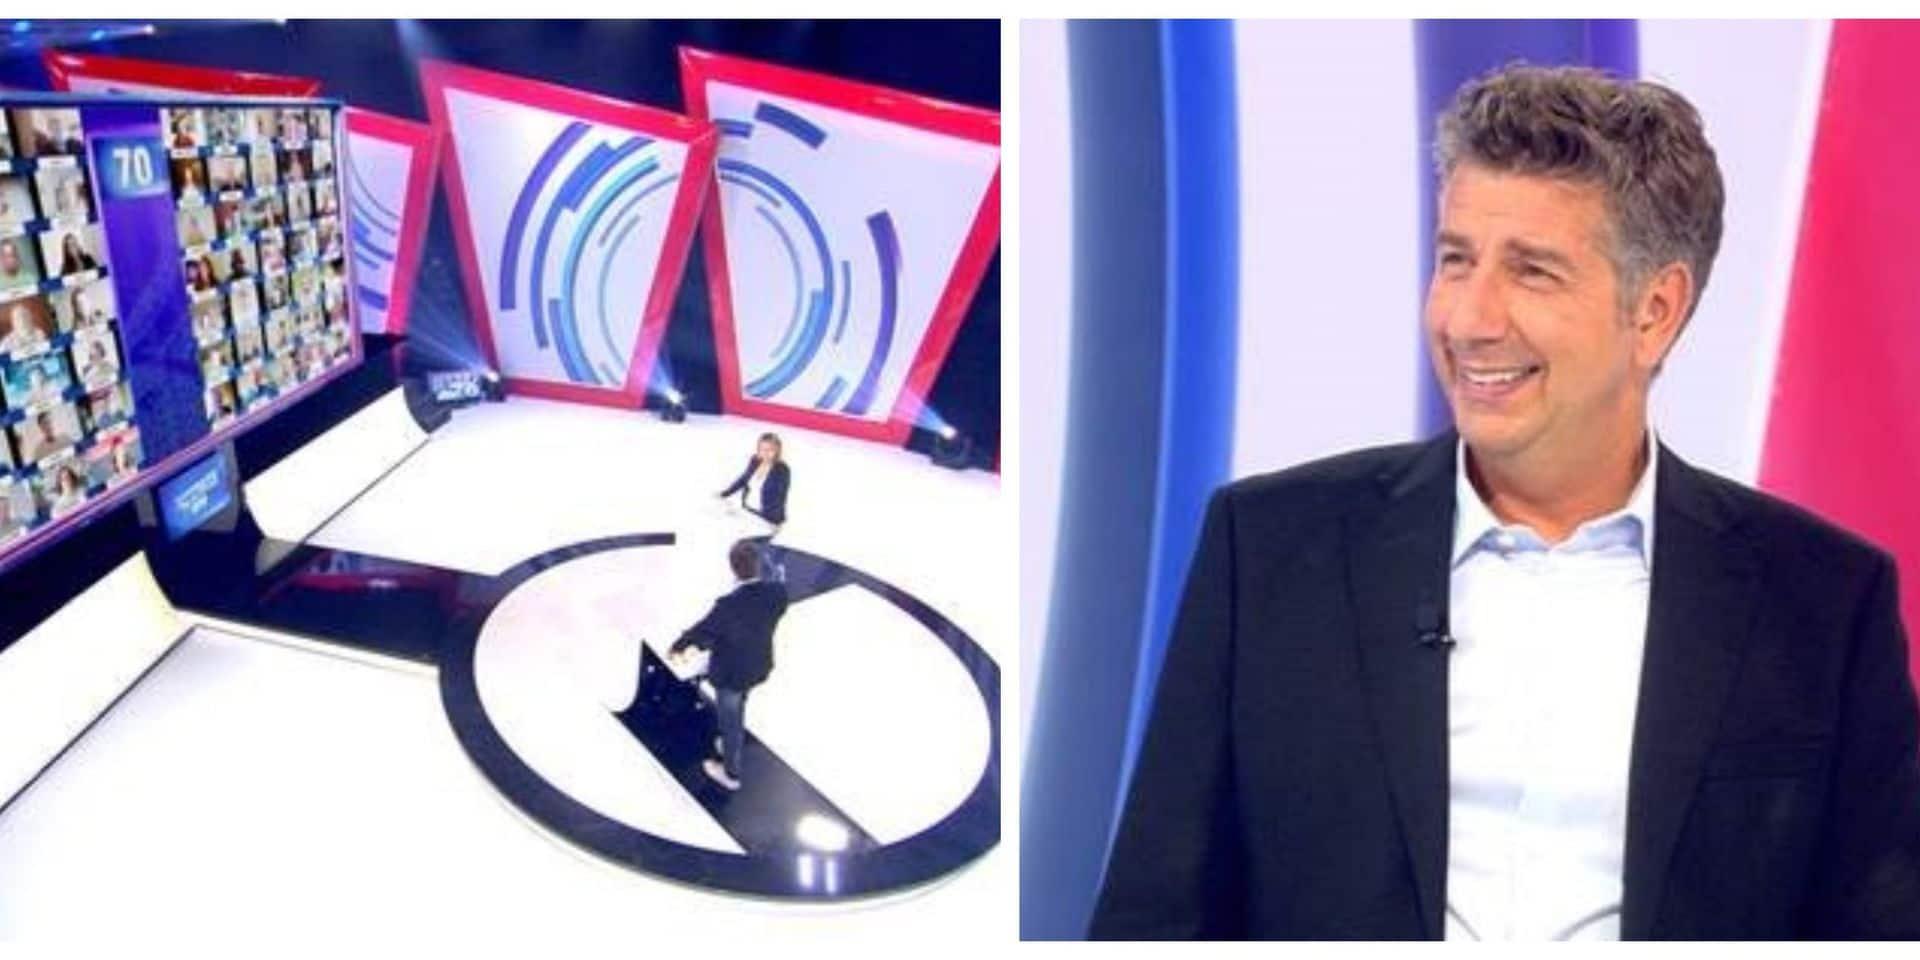 Voici le décor de la nouvelle version du 71, sur RTL-TVI